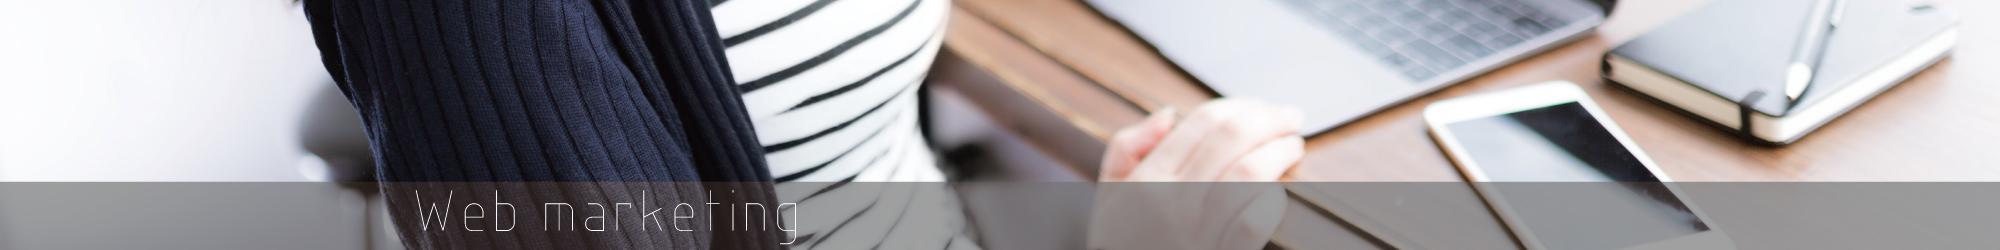 WEBサイト作成サービスヘッダー画像